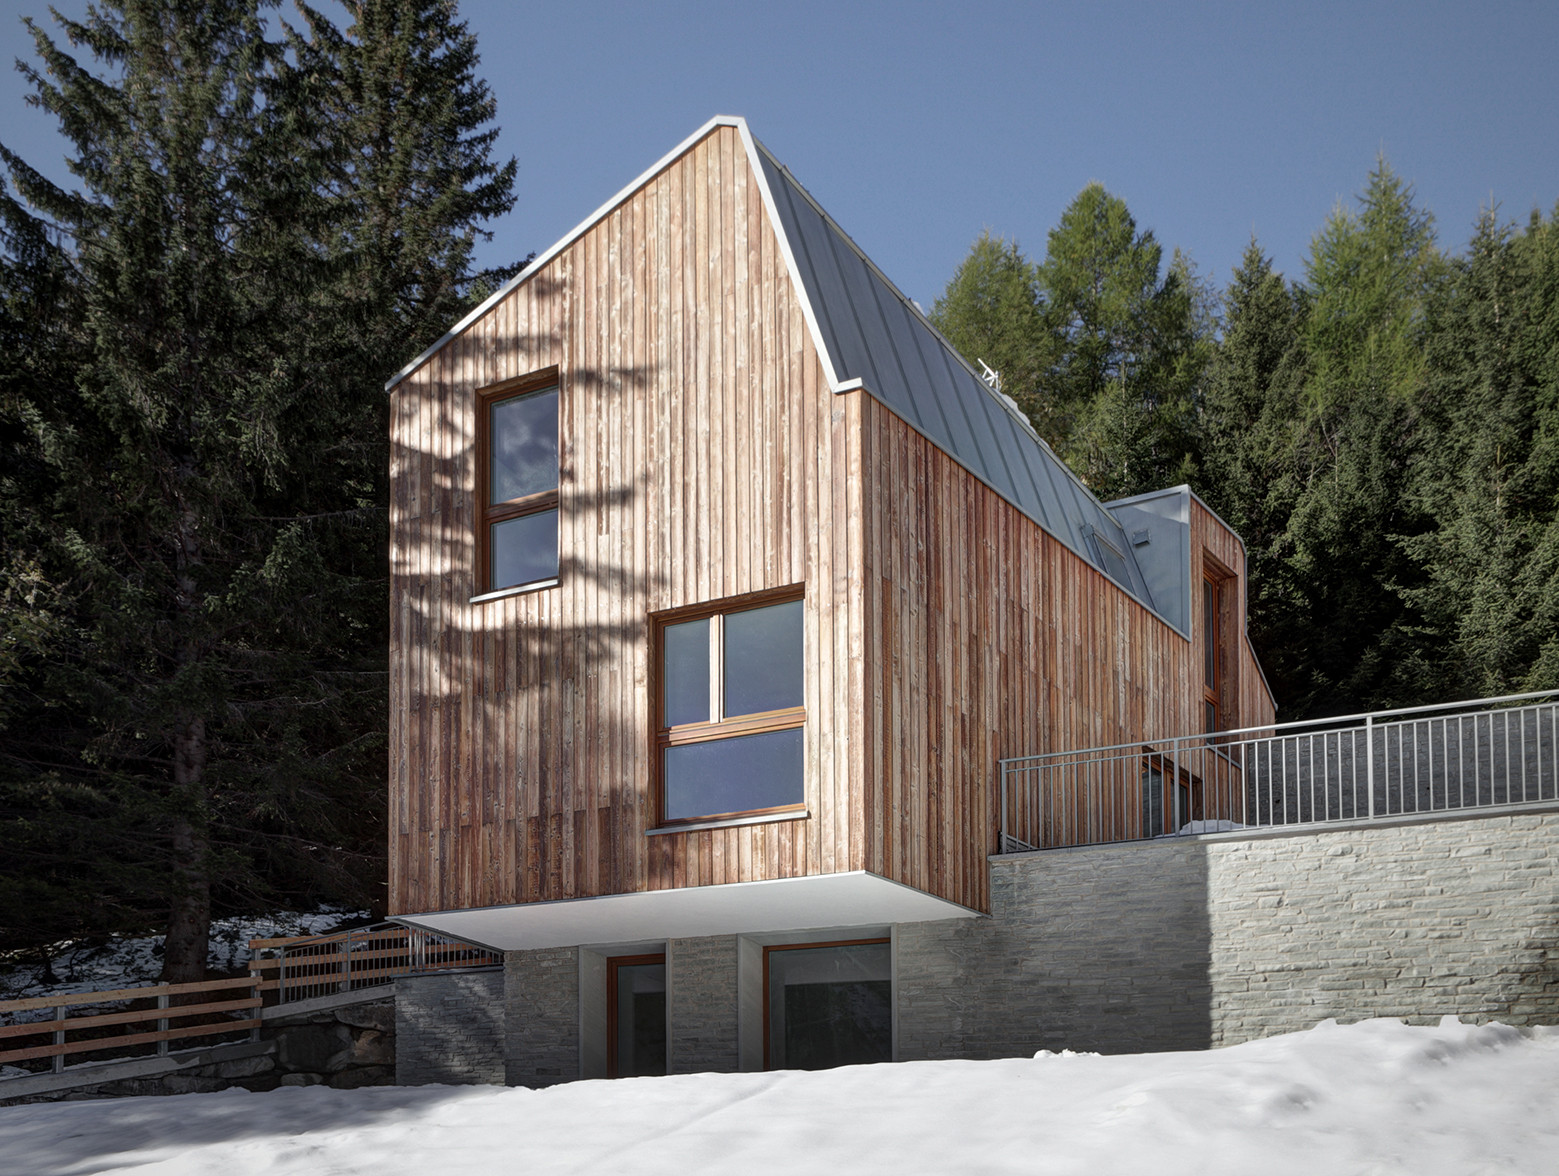 Casa FM / ES.arch + Consalez Rossi Architetti Associati , © Marcello Mariana